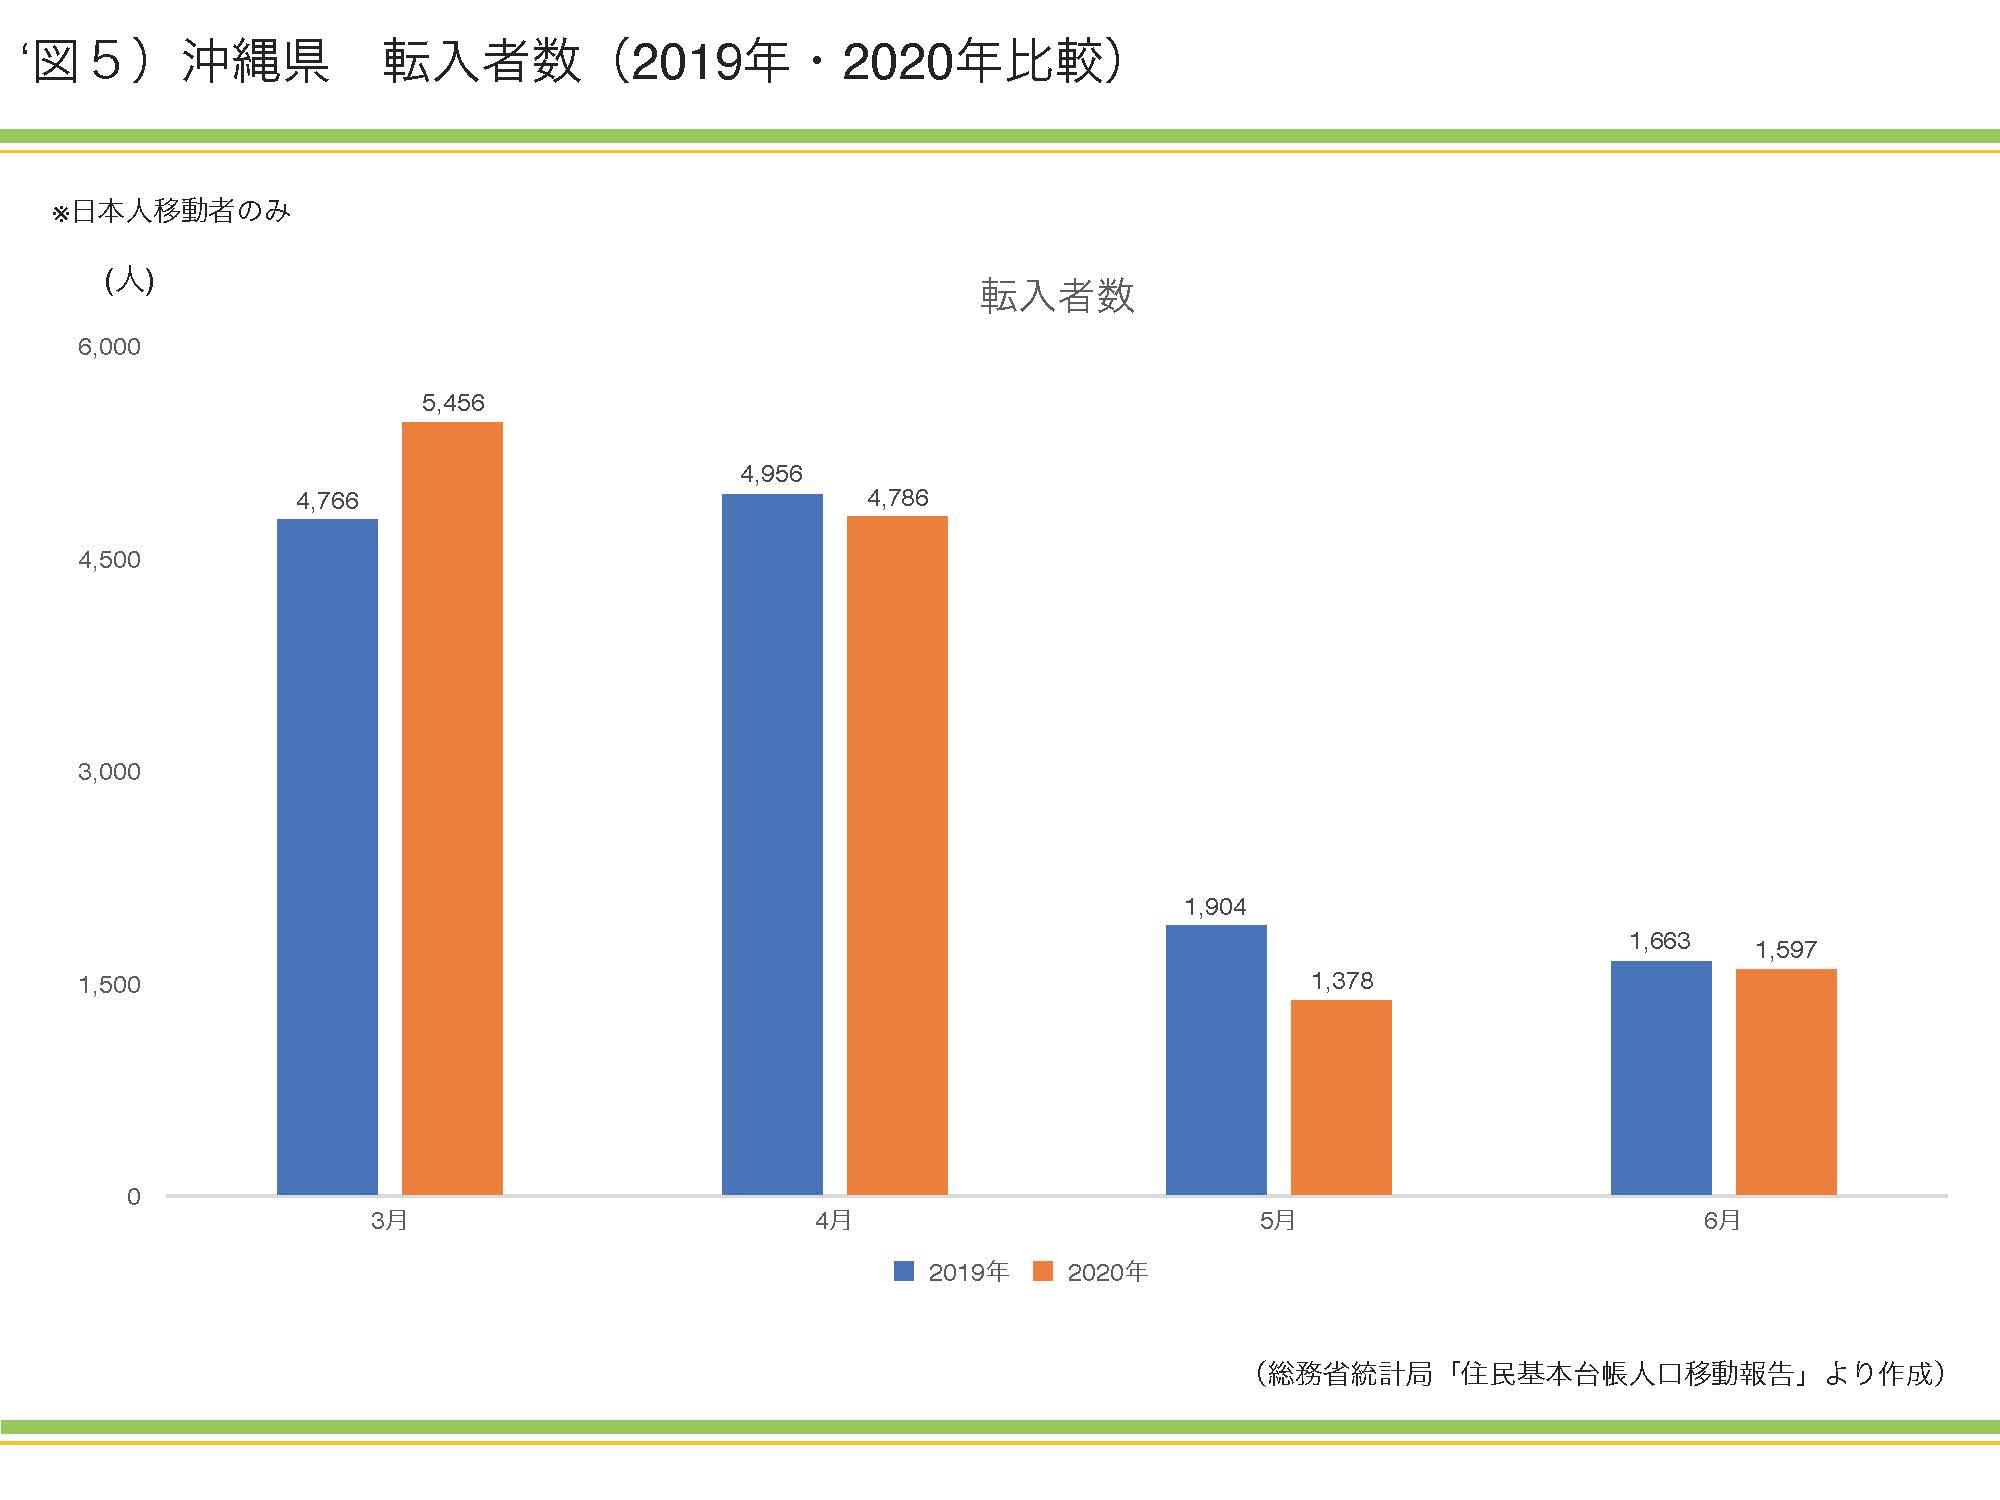 新型コロナウイルスの影響で沖縄県への人口流入はどう変化したのか|資産活用総研 大鏡建設